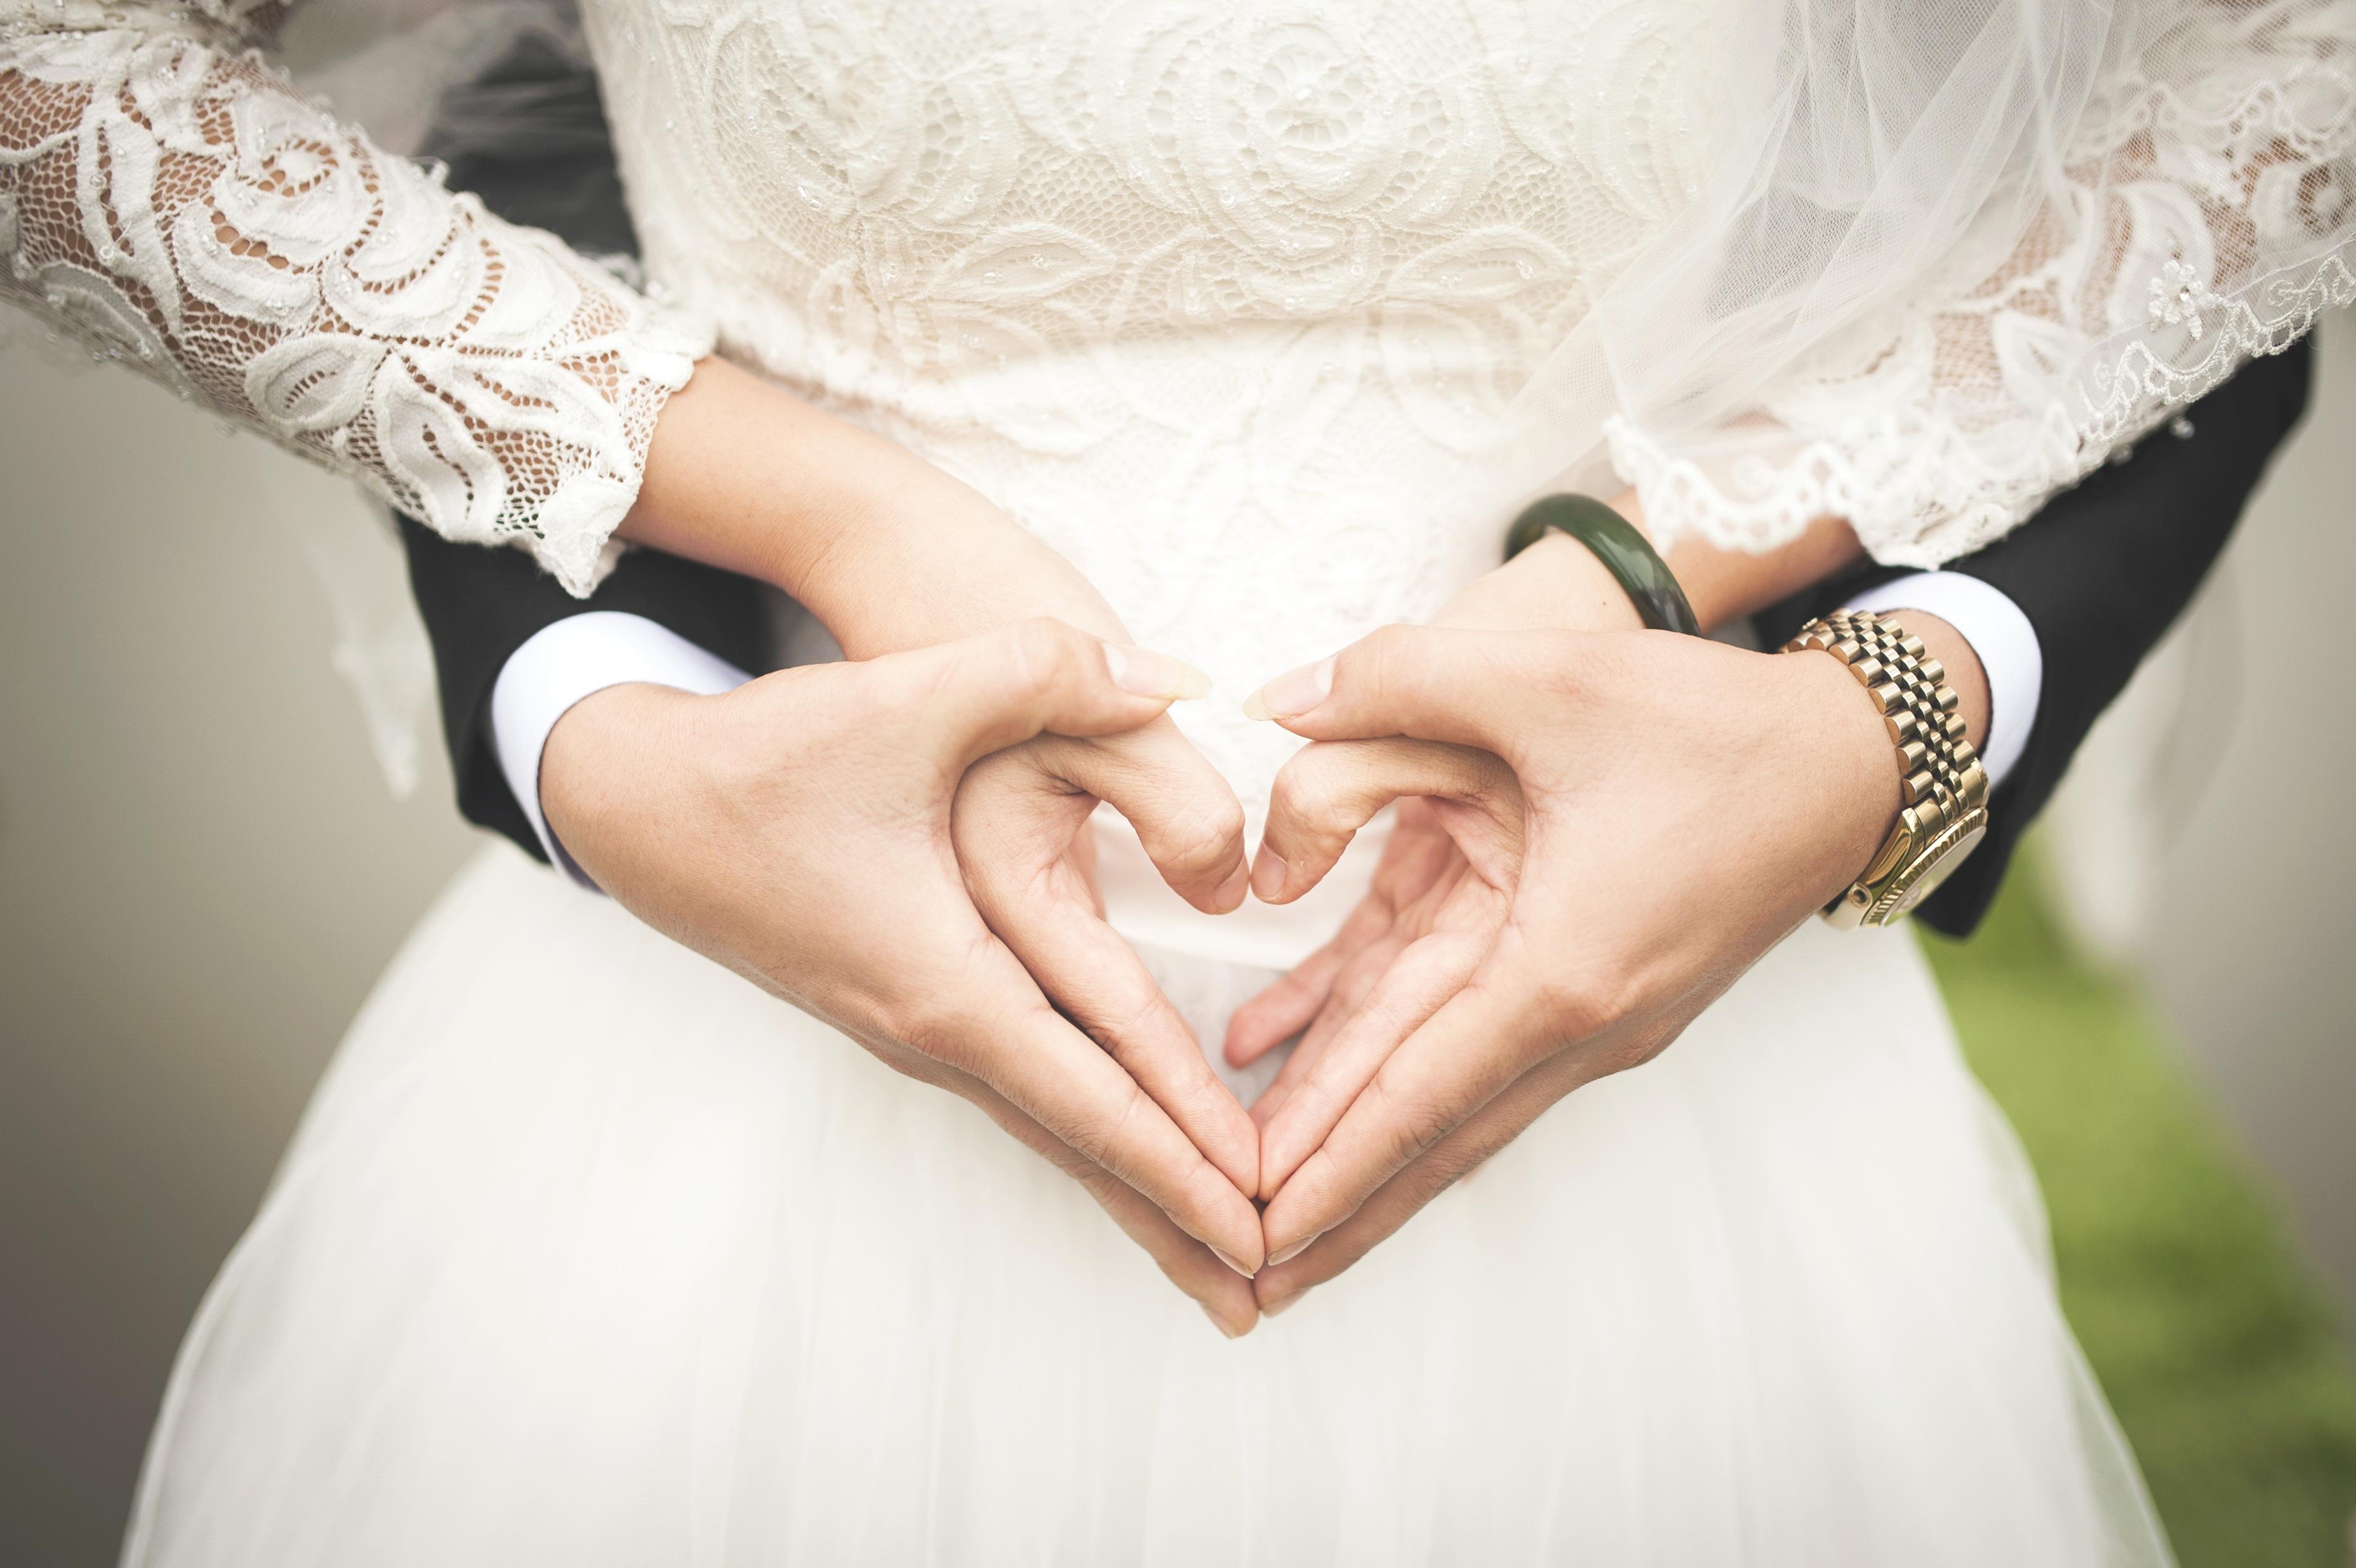 147046 скачать обои Свадьба, Любовь, Руки, Романтика, Сердце - заставки и картинки бесплатно